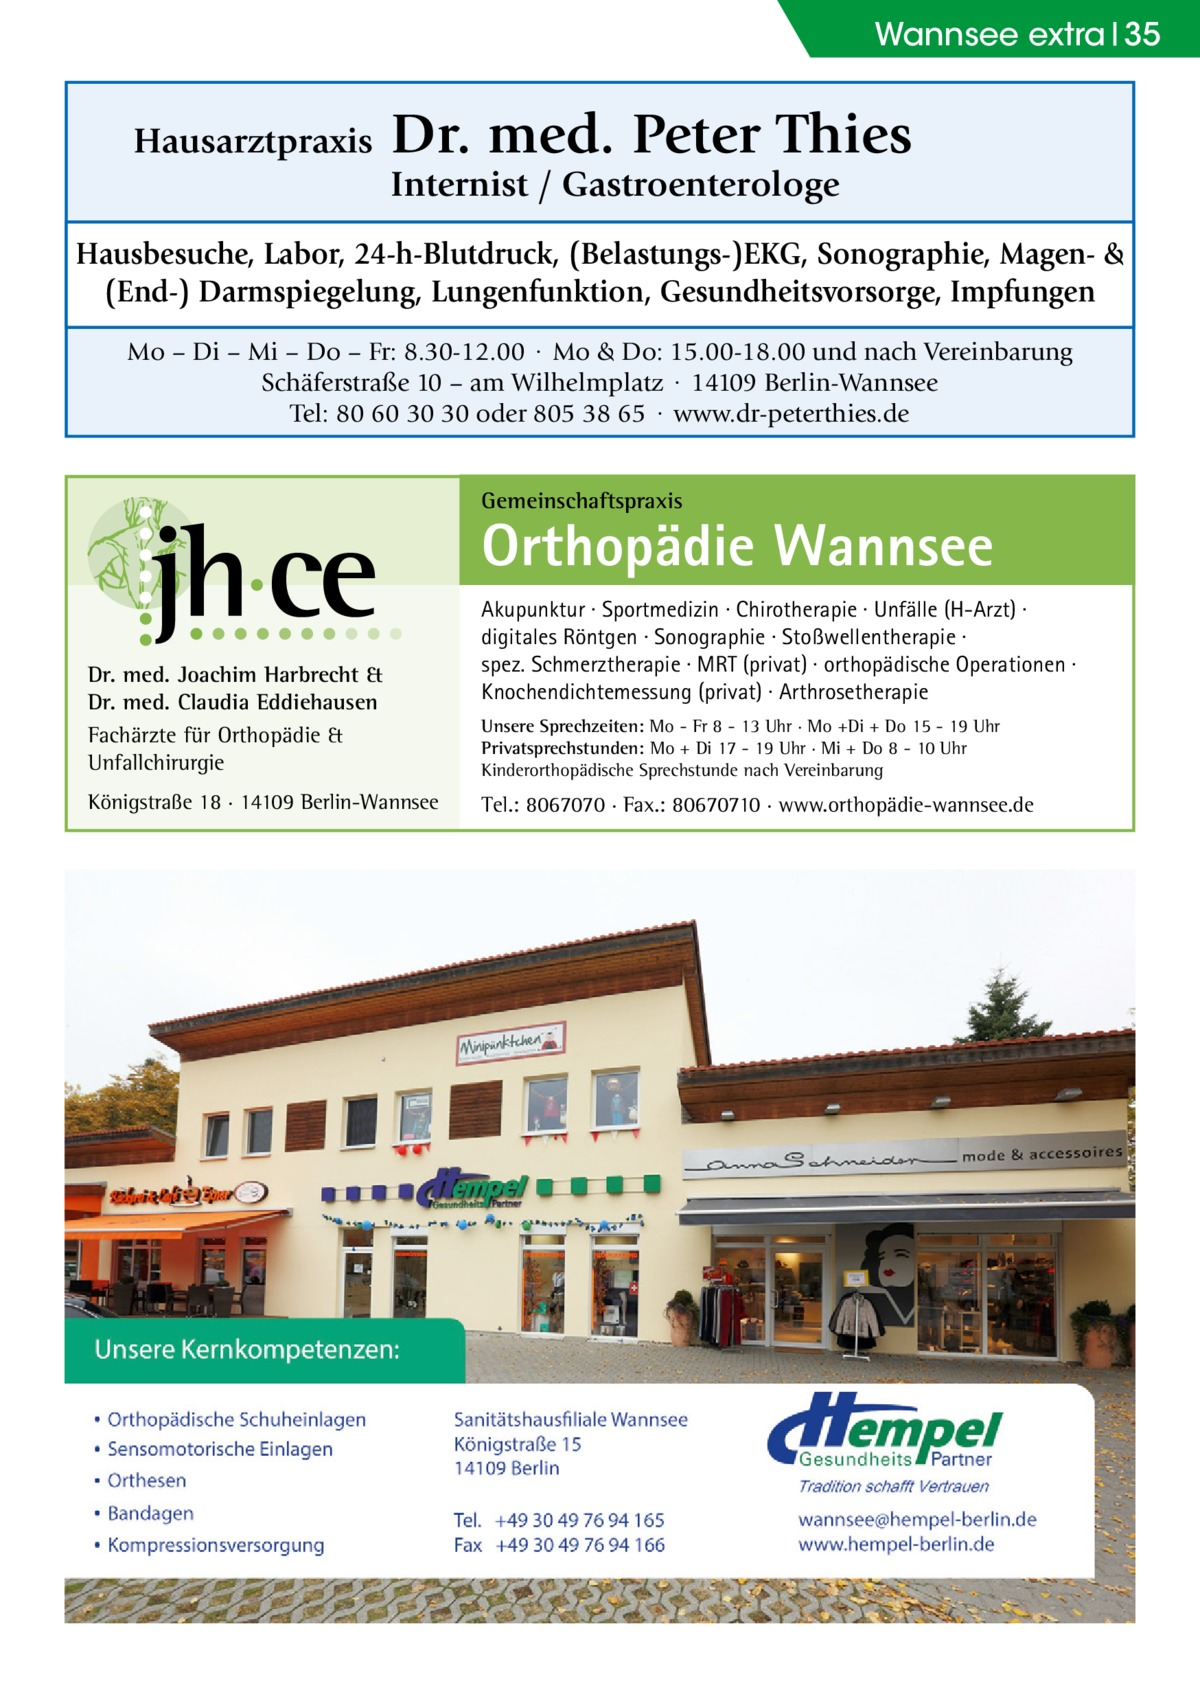 Wannsee extra 35  Hausarztpraxis  Dr. med. Peter Thies Internist / Gastroenterologe  Hausbesuche, Labor, 24-h-Blutdruck, (Belastungs-)EKG, Sonographie, Magen- & (End-) Darmspiegelung, Lungenfunktion, Gesundheitsvorsorge, Impfungen Mo – Di – Mi – Do – Fr: 8.30-12.00 · Mo & Do: 15.00-18.00 und nach Vereinbarung Schäferstraße 10 – am Wilhelmplatz · 14109 Berlin-Wannsee Tel: 80 60 30 30 oder 805 38 65 · www.dr-peterthies.de Gemeinschaftspraxis  Orthopädie Wannsee Dr. med. Joachim Harbrecht & Dr. med. Claudia Eddiehausen Fachärzte für Orthopädie & Unfallchirurgie Königstraße 18 · 14109 Berlin-Wannsee  Akupunktur · Sportmedizin · Chirotherapie · Unfälle (H-Arzt) · digitales Röntgen · Sonographie · Stoßwellentherapie · spez. Schmerztherapie · MRT (privat) · orthopädische Operationen · Knochendichtemessung (privat) · Arthrosetherapie Unsere Sprechzeiten: Mo - Fr 8 - 13 Uhr · Mo +Di + Do 15 - 19 Uhr Privatsprechstunden: Mo + Di 17 - 19 Uhr · Mi + Do 8 - 10 Uhr Kinderorthopädische Sprechstunde nach Vereinbarung  Tel.: 8067070 · Fax.: 80670710 · www.orthopädie-wannsee.de